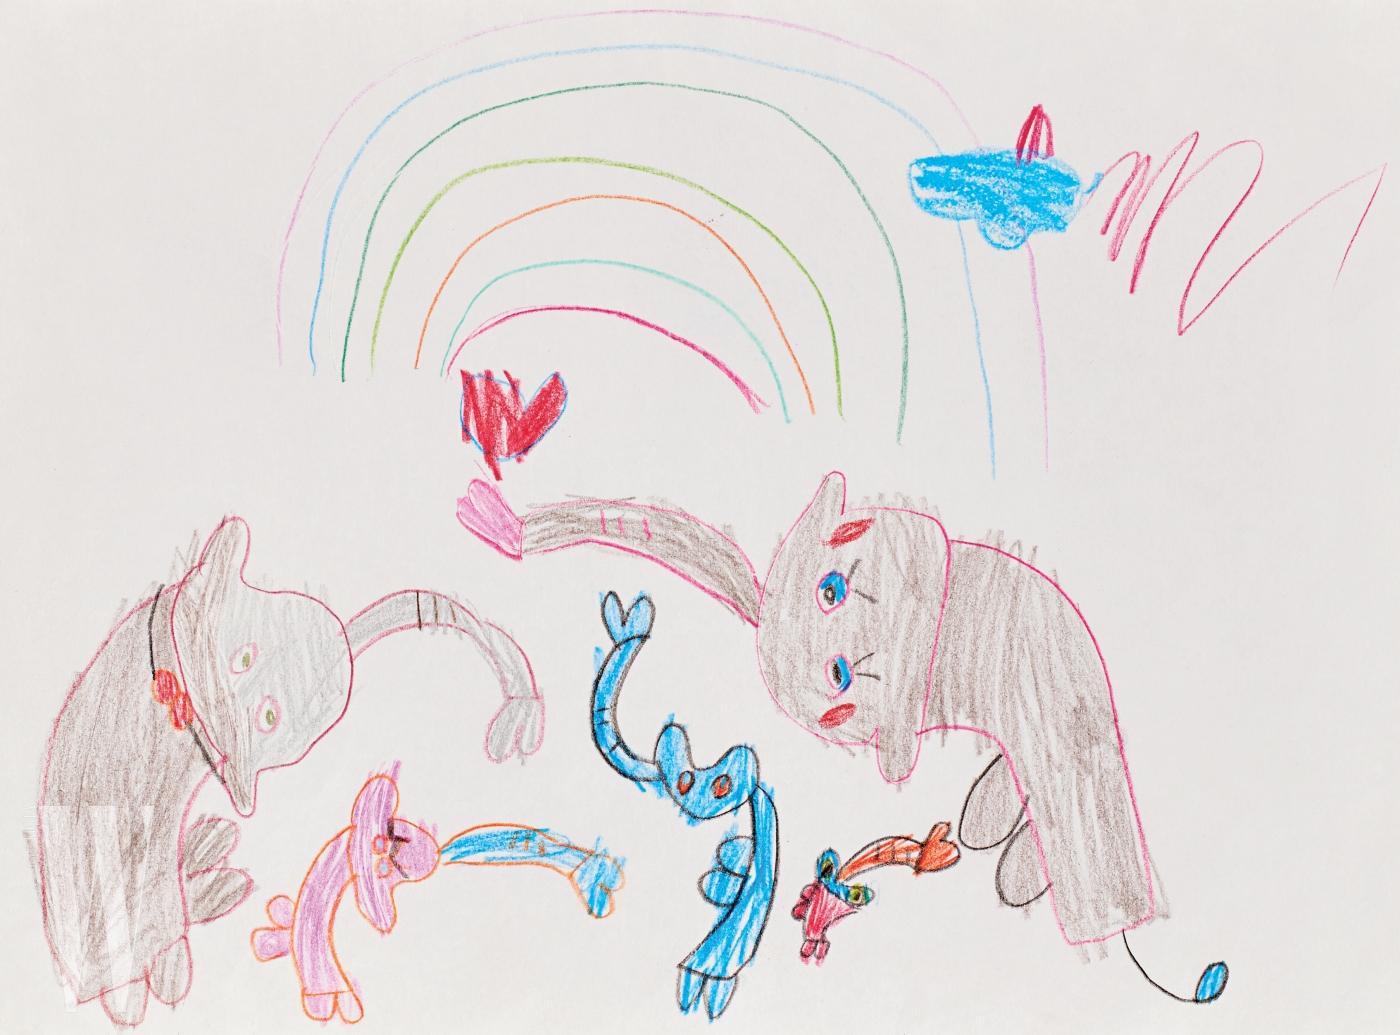 두 마리의 고양이와 무지개가 어우러진 동심 어린 그림은 배우 정시아와 백도빈의 딸, 백서우(6세) 양의 그림. 여자 아이 특유의 귀여운 상상력이 담긴 그림은 모던하고 해학적인 패션 화보로 완성했다.